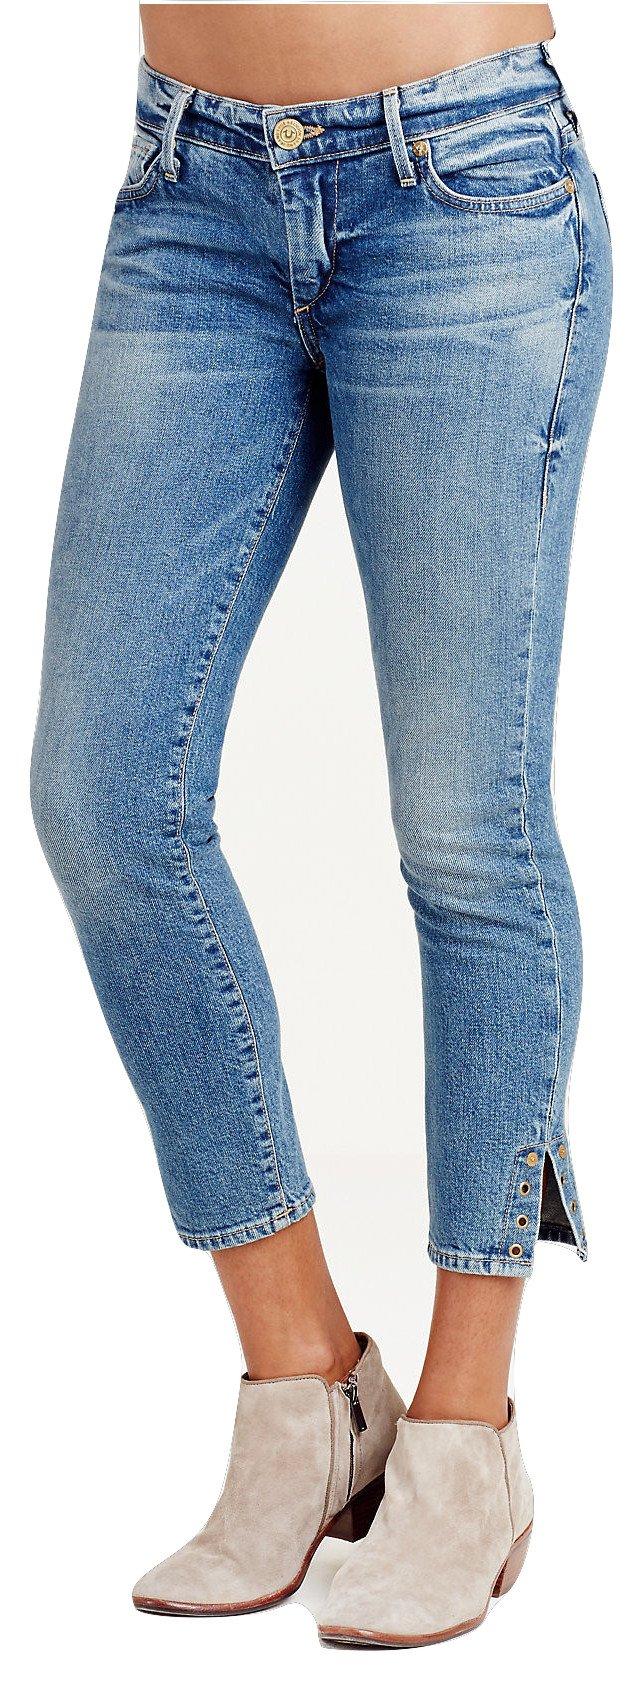 True Religion Women's Casey Super Skinny Rivet Crop Jeans In Gypset Blue (28, Gypset Blue) by True Religion